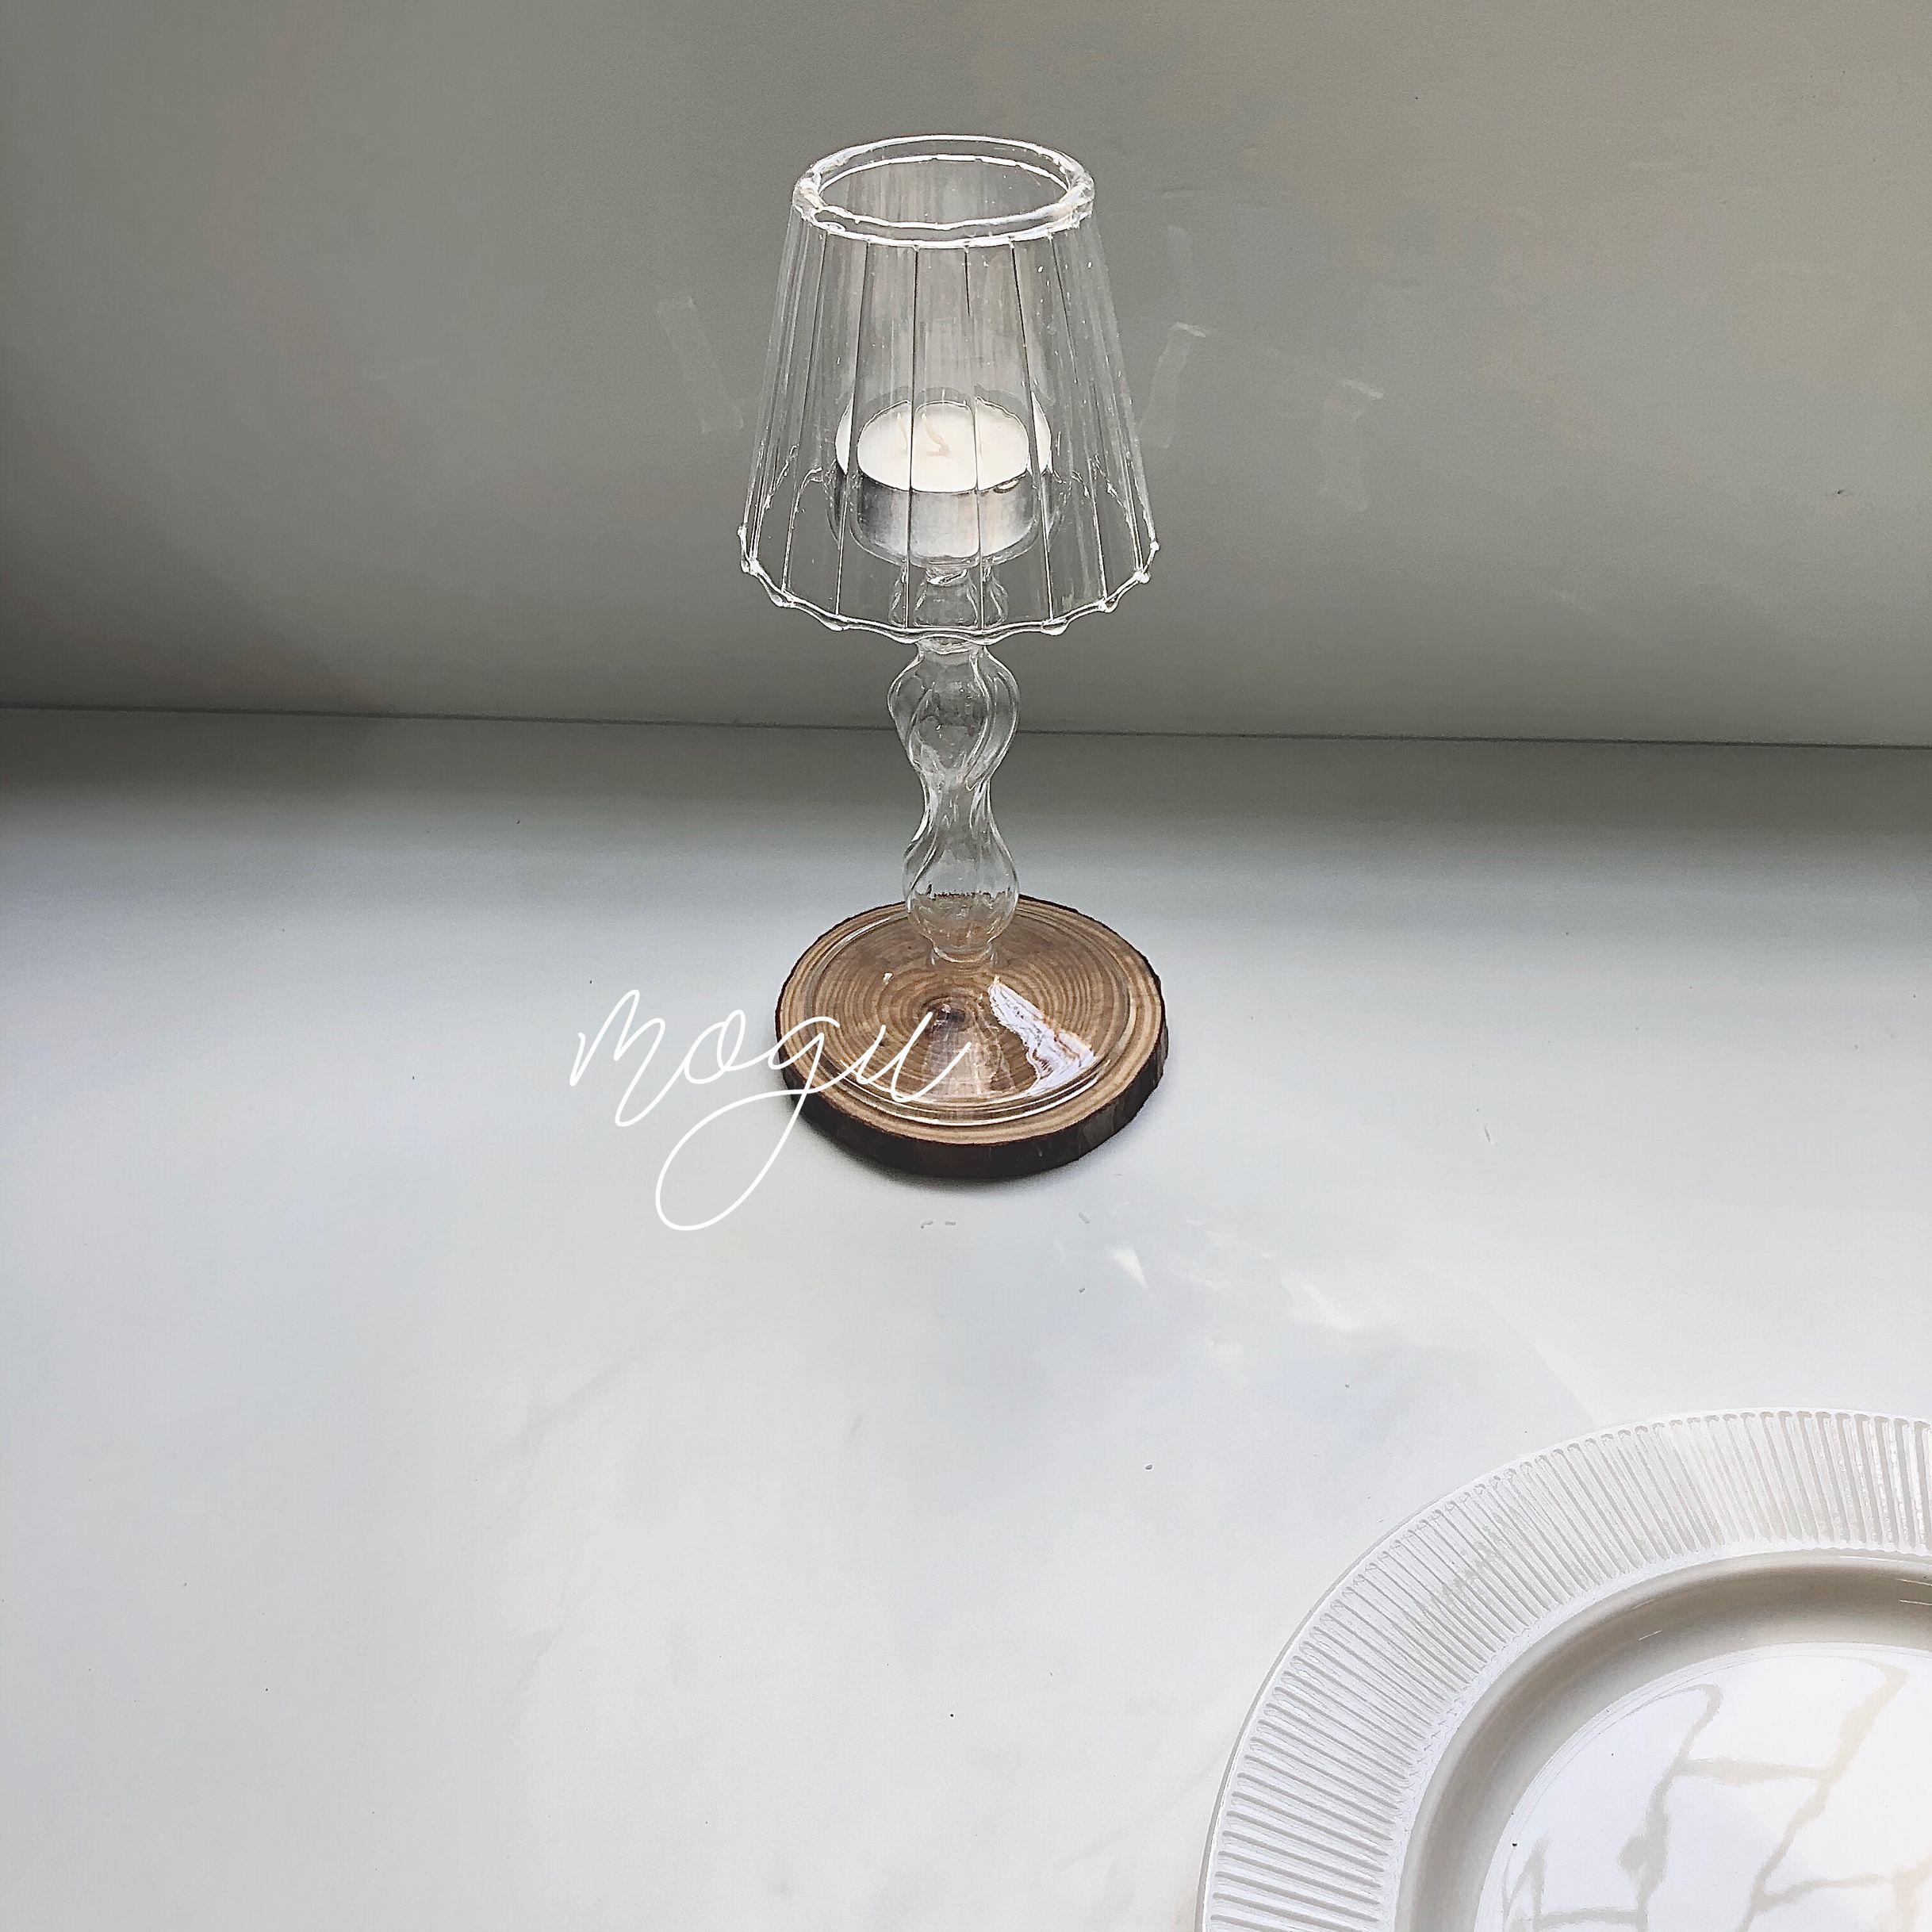 Portavelas De Cristal moderno De Cristal De lujo para bodas, Portavelas nórdicas...